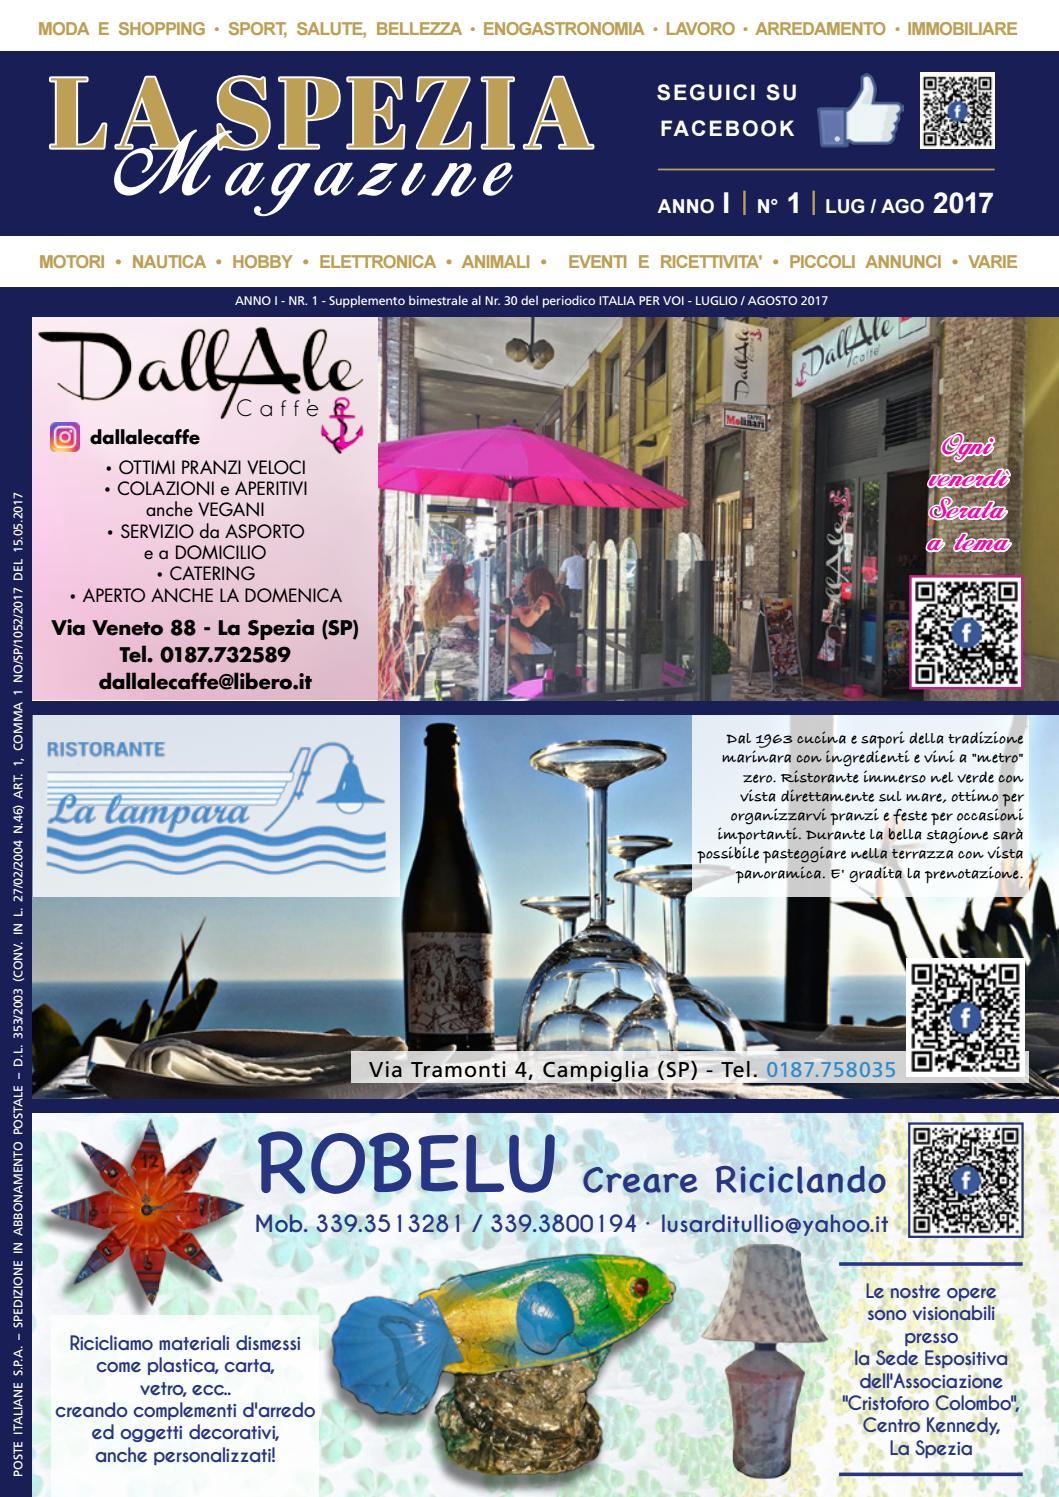 La Spezia Magazine Luglio Agosto 2017 By Italia Per Voi Issuu